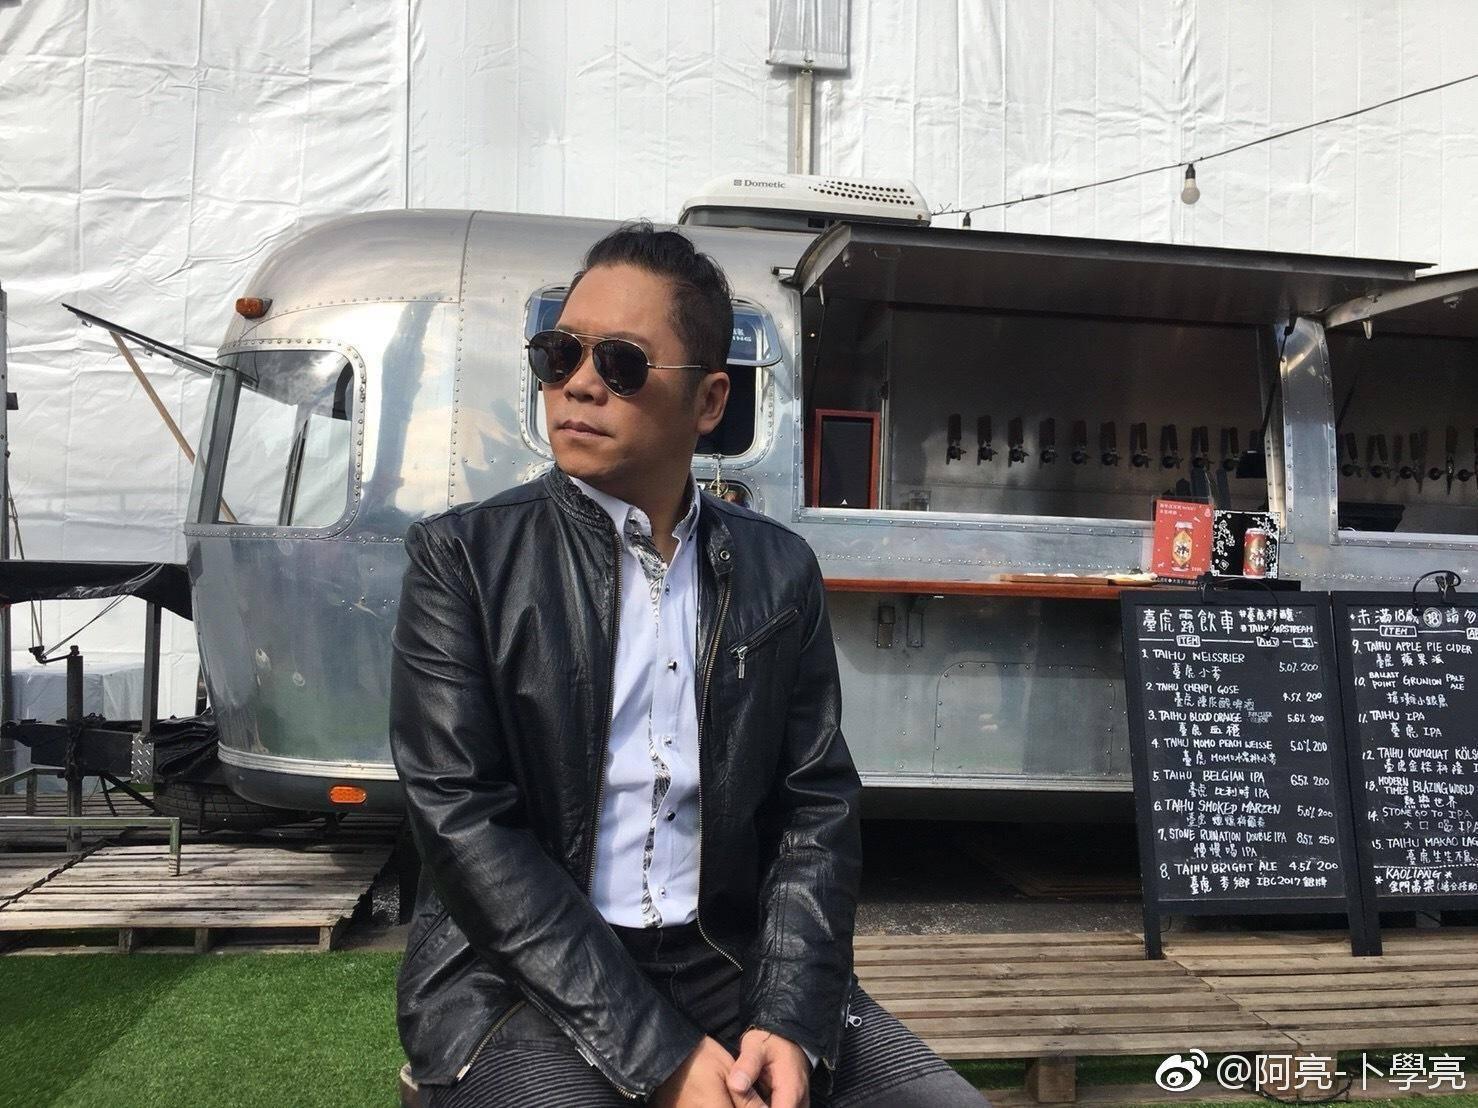 曾和张韶涵搭档,走红前夕却要请辞,卜学亮配黄子佼能火吗?